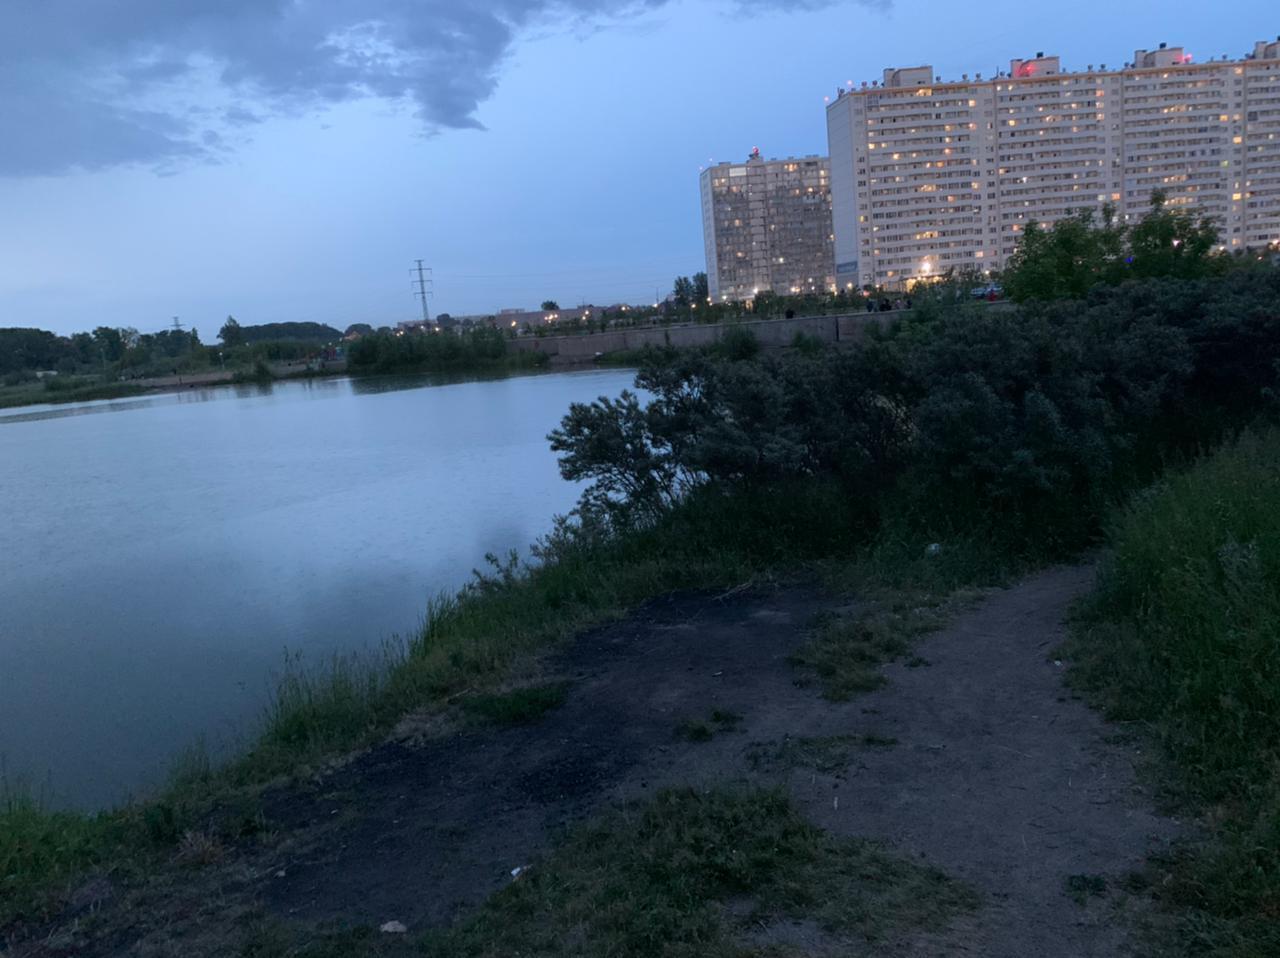 Фото Тело пропавшего 15-летнего мальчика нашли в Новосибирске 3